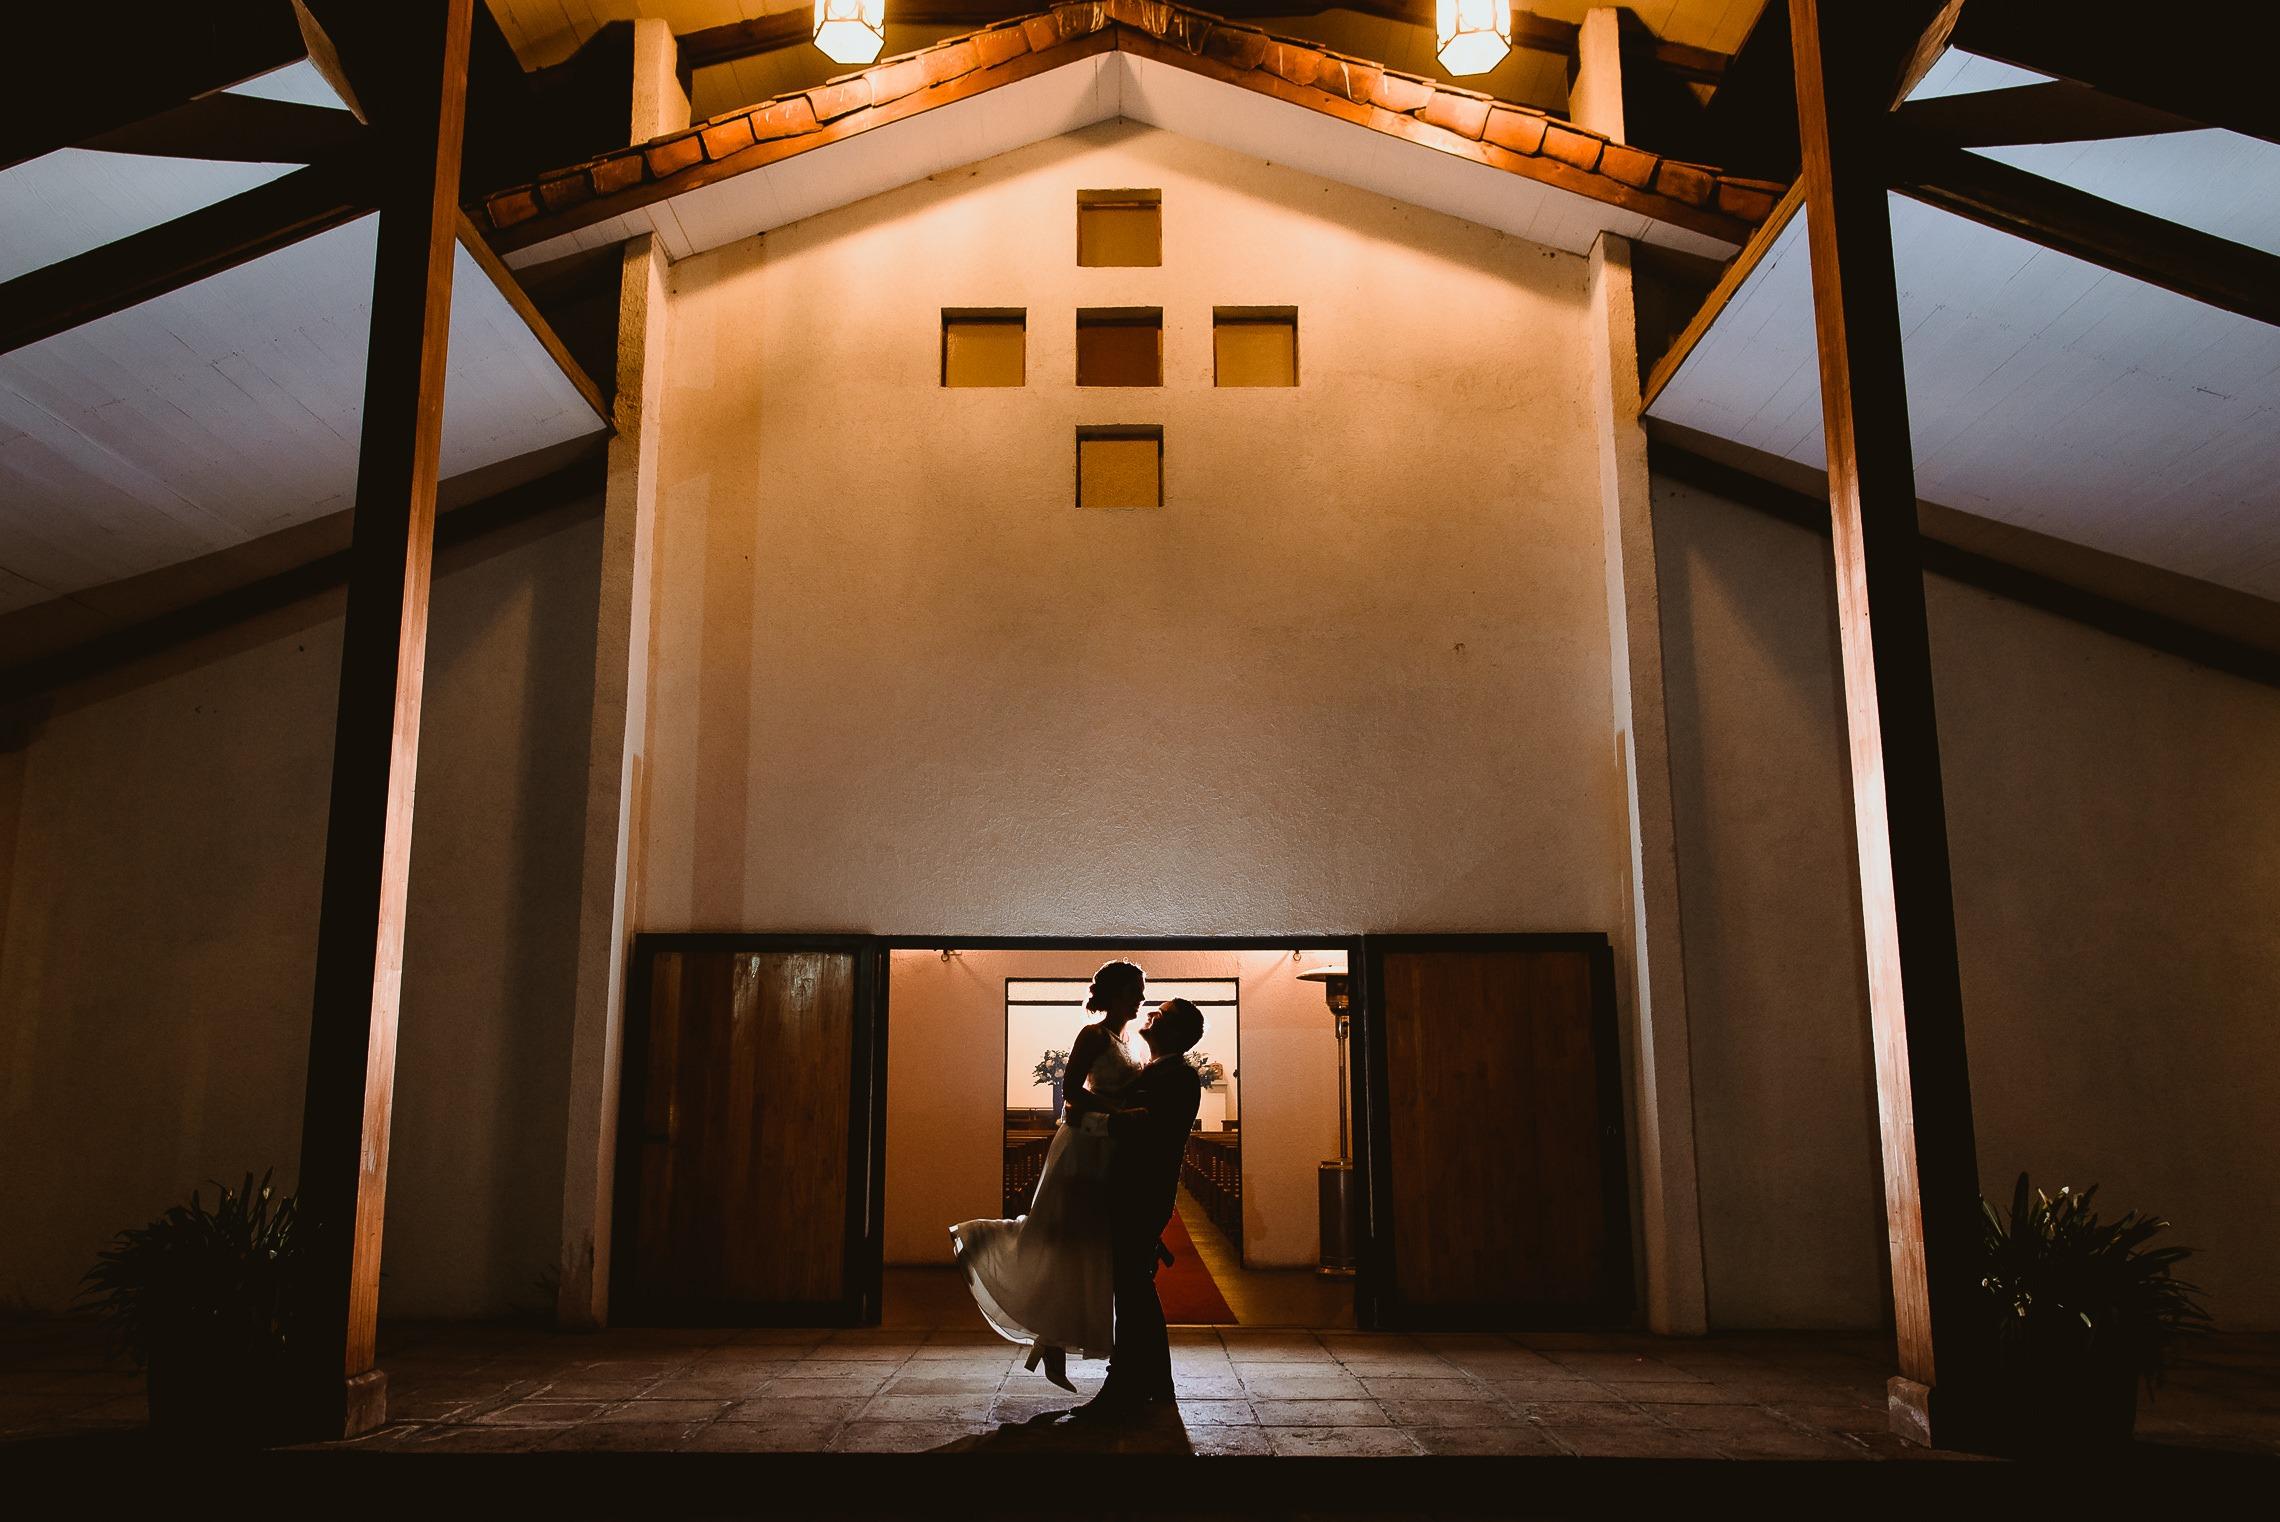 parque-san-rafael-deborah-dantzoff-fotografo-de-matrimonios 14